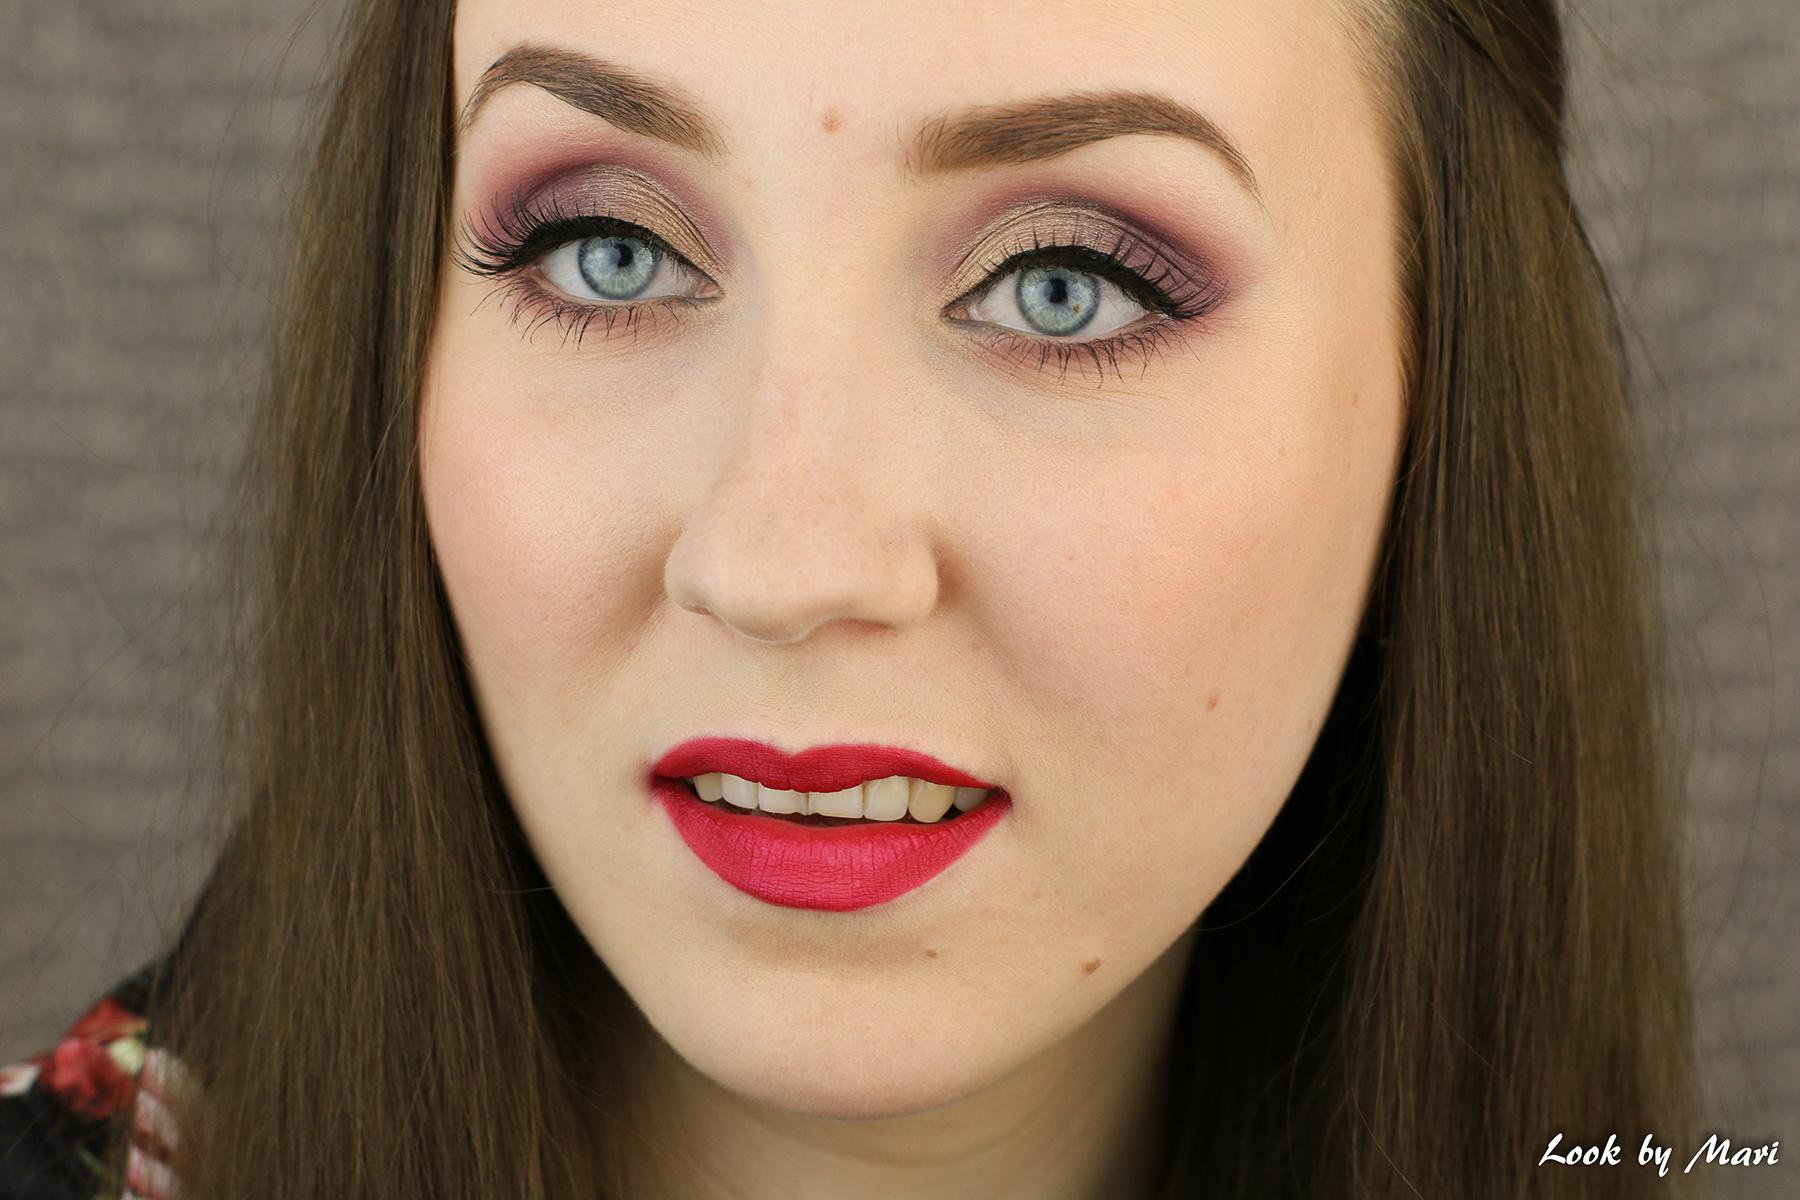 14 joe blasco meikit kokemuksia joeblasco.fi stockmann sokos parhaat tuotteet